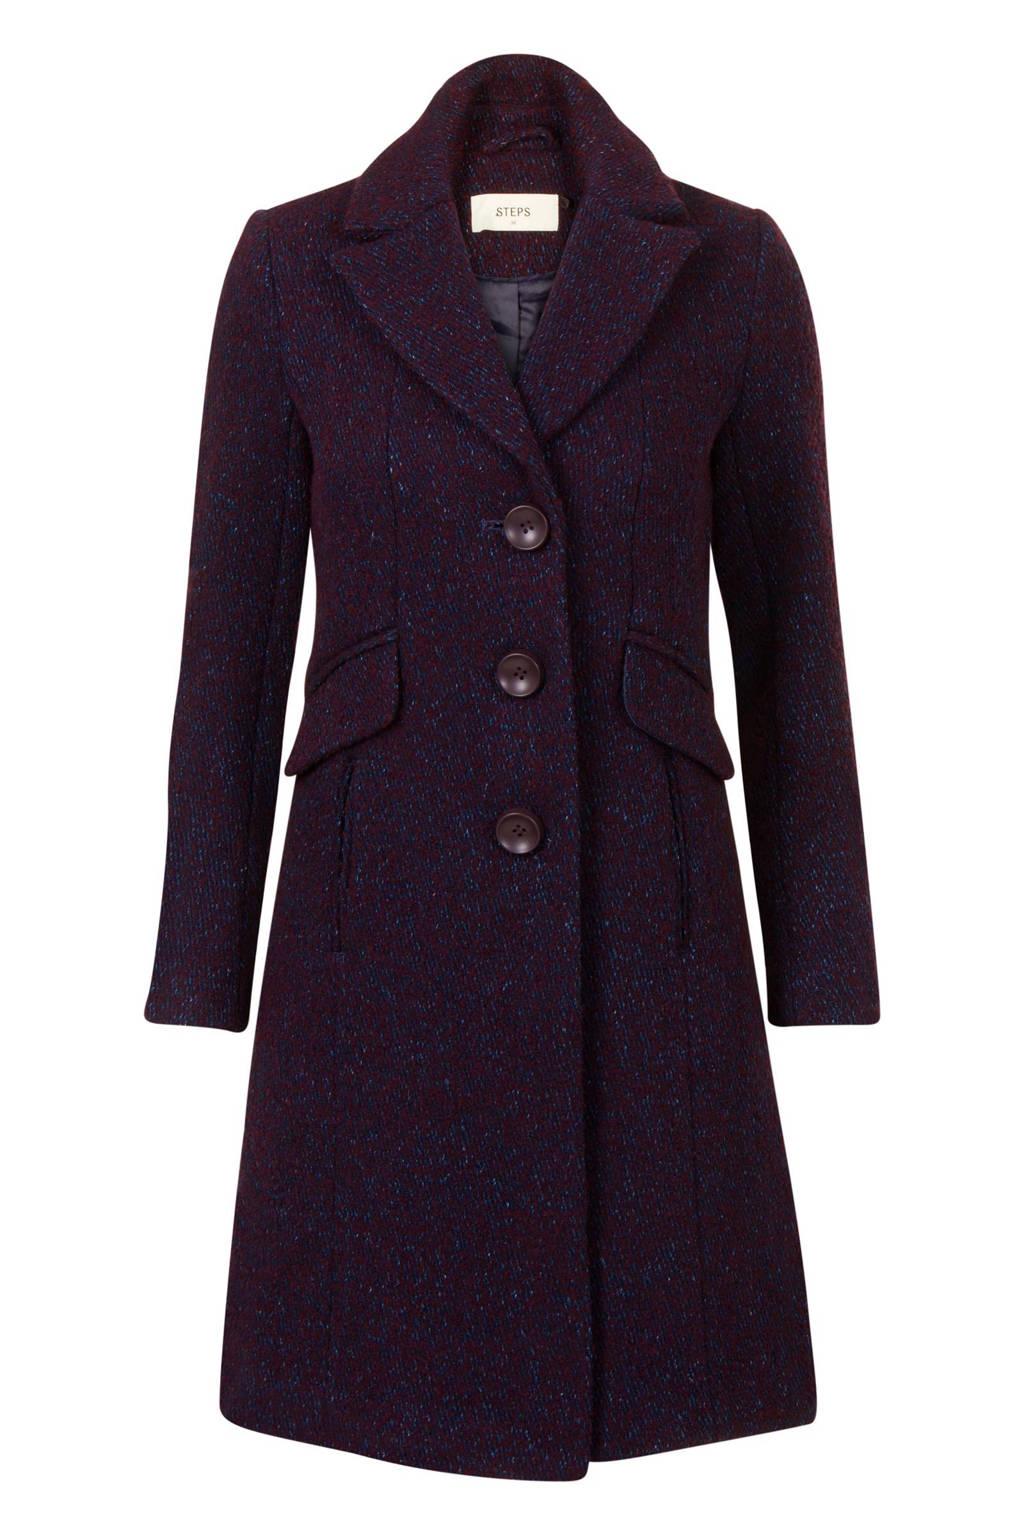 Steps coat met wol, Donkerrood